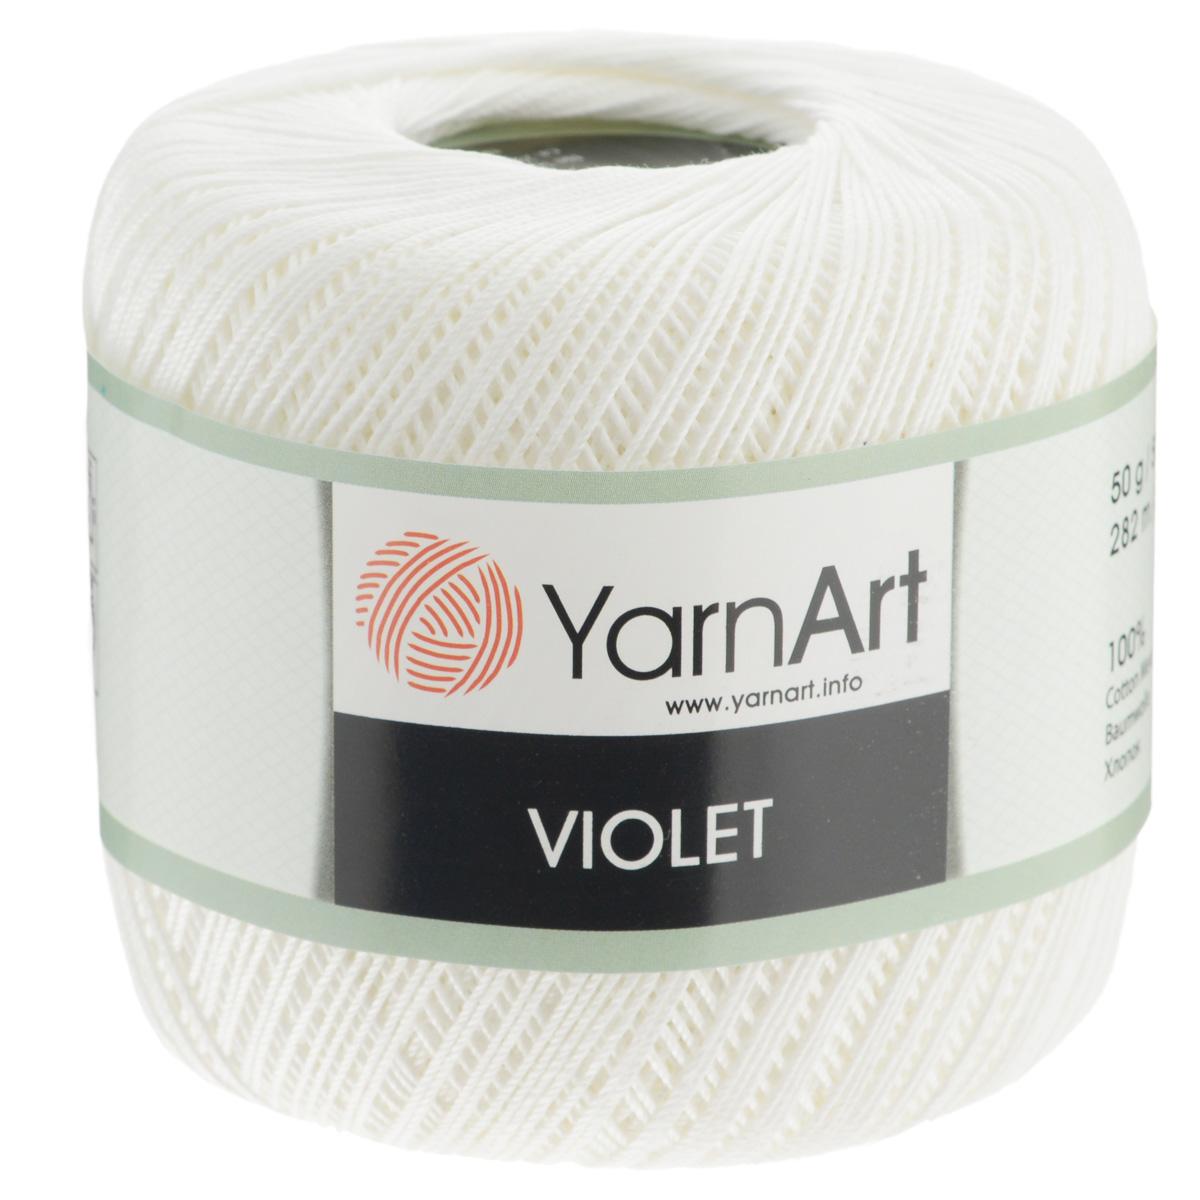 Пряжа для вязания YarnArt Violet, цвет: белый (003), 282 м, 50 г, 6 шт372018_003Пряжа для вязания YarnArt Violet - тонкая, гладкая и упругая пряжа из 100% мерсеризованного хлопка для вязания крючком и спицами. Нить хорошо скручена и не расслаивается. Это классическая пряжа, которая пользуется большой популярностью. Отлично подходит для вязания ажурных изделий. Замечательный вариант для вязания в технике ирландского кружева. Рекомендуется для вязания на крючке и спицах 2,5 мм. Состав: 100% хлопок.